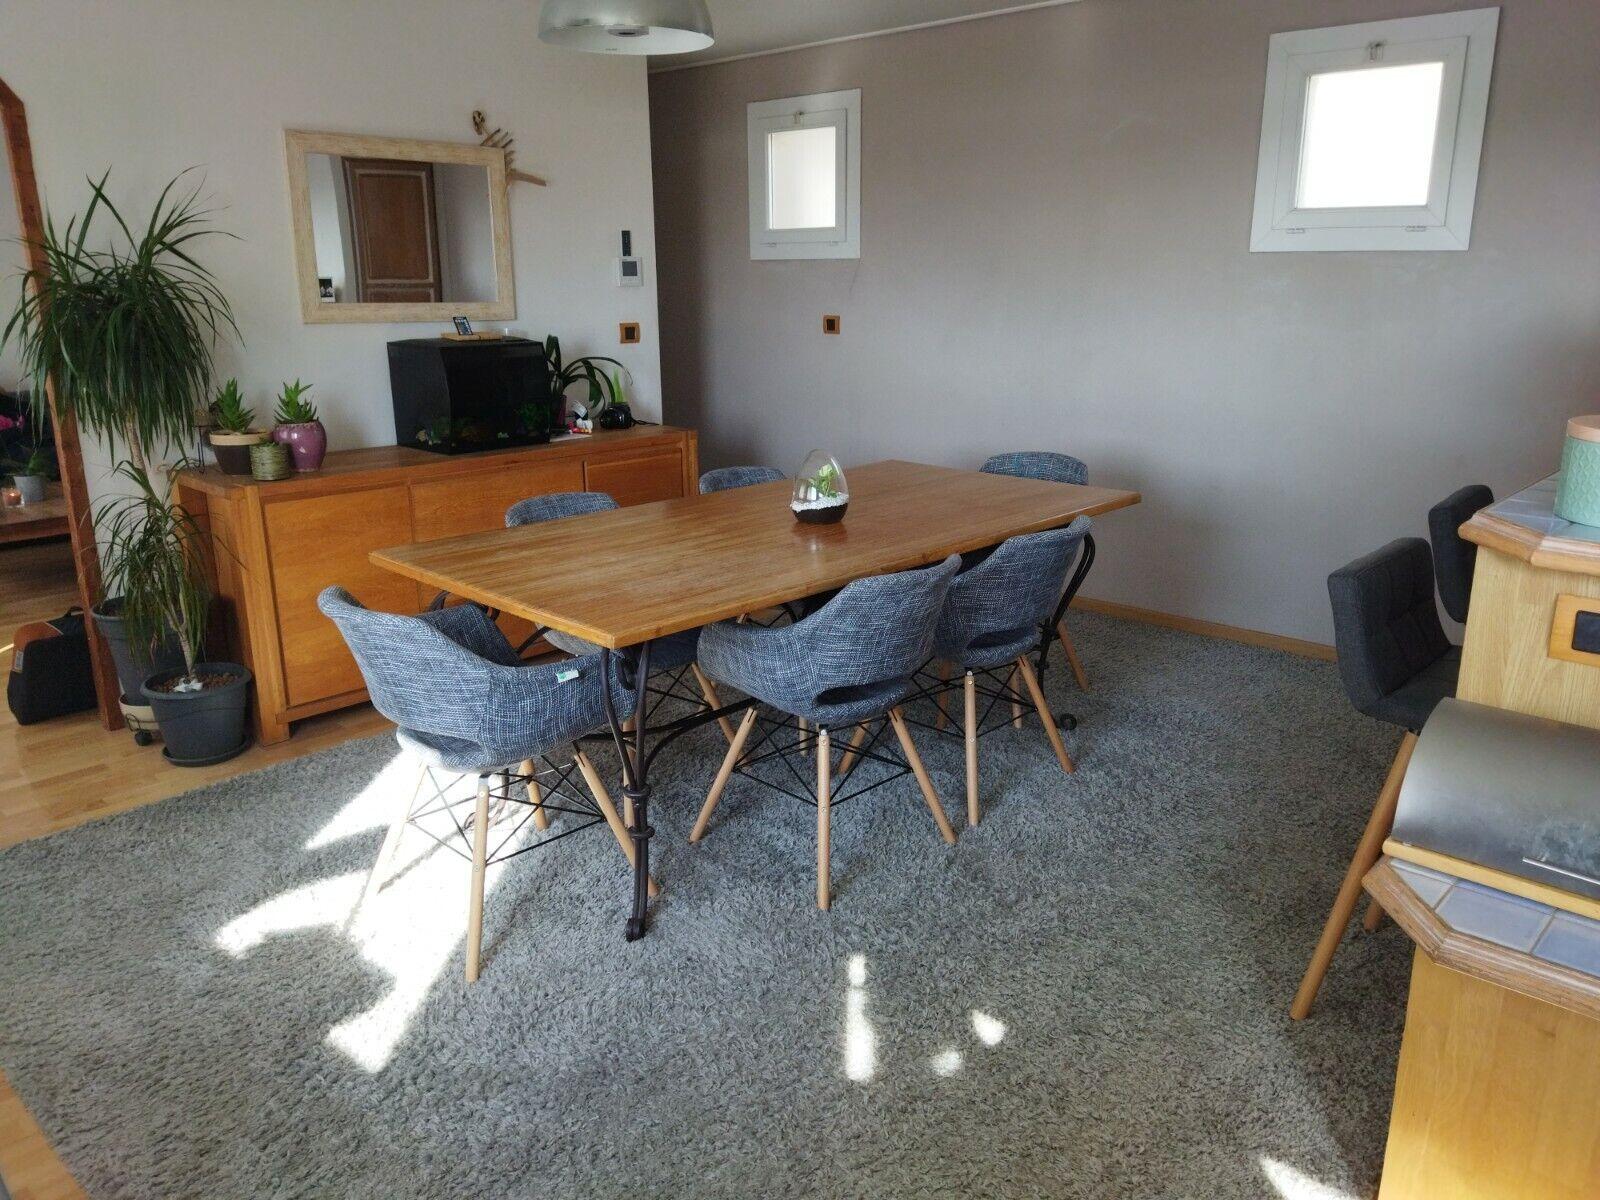 Appartement centre ville Port de Bouc 136m2 garage 60m2 cave 8m2 dispo mai 2022